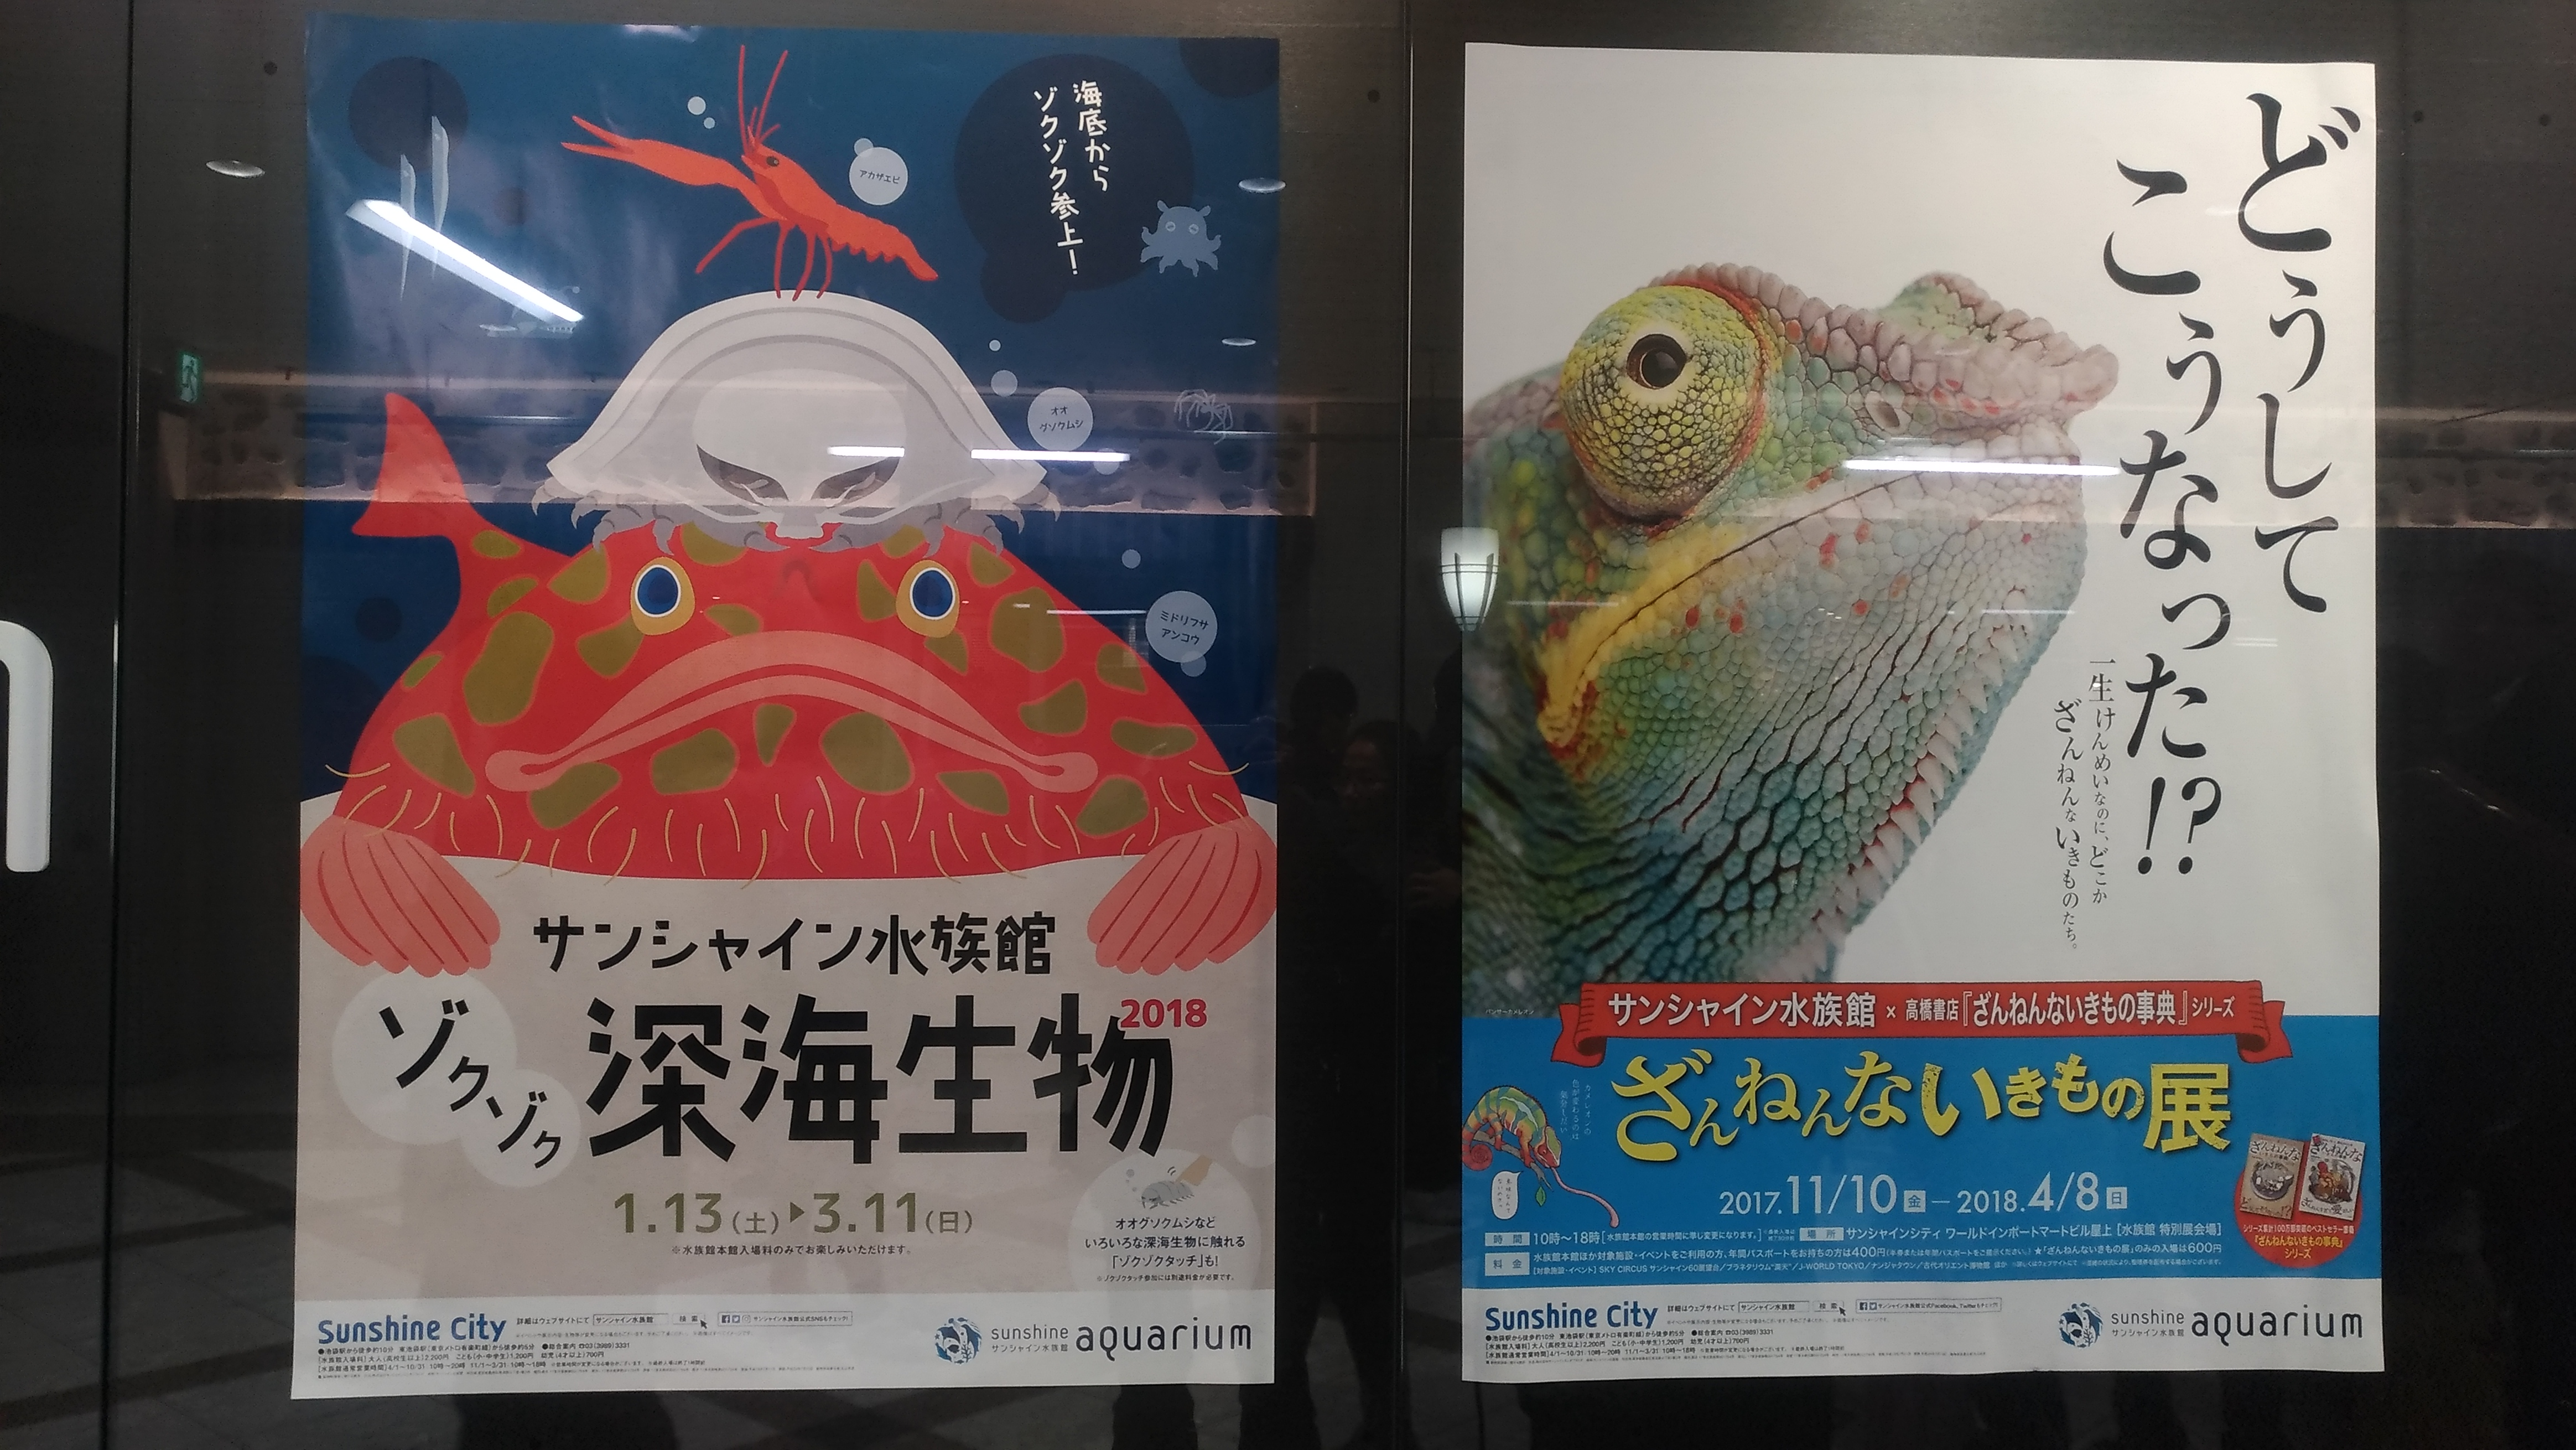 サンシャイン水族館に行ってきました3特別展編